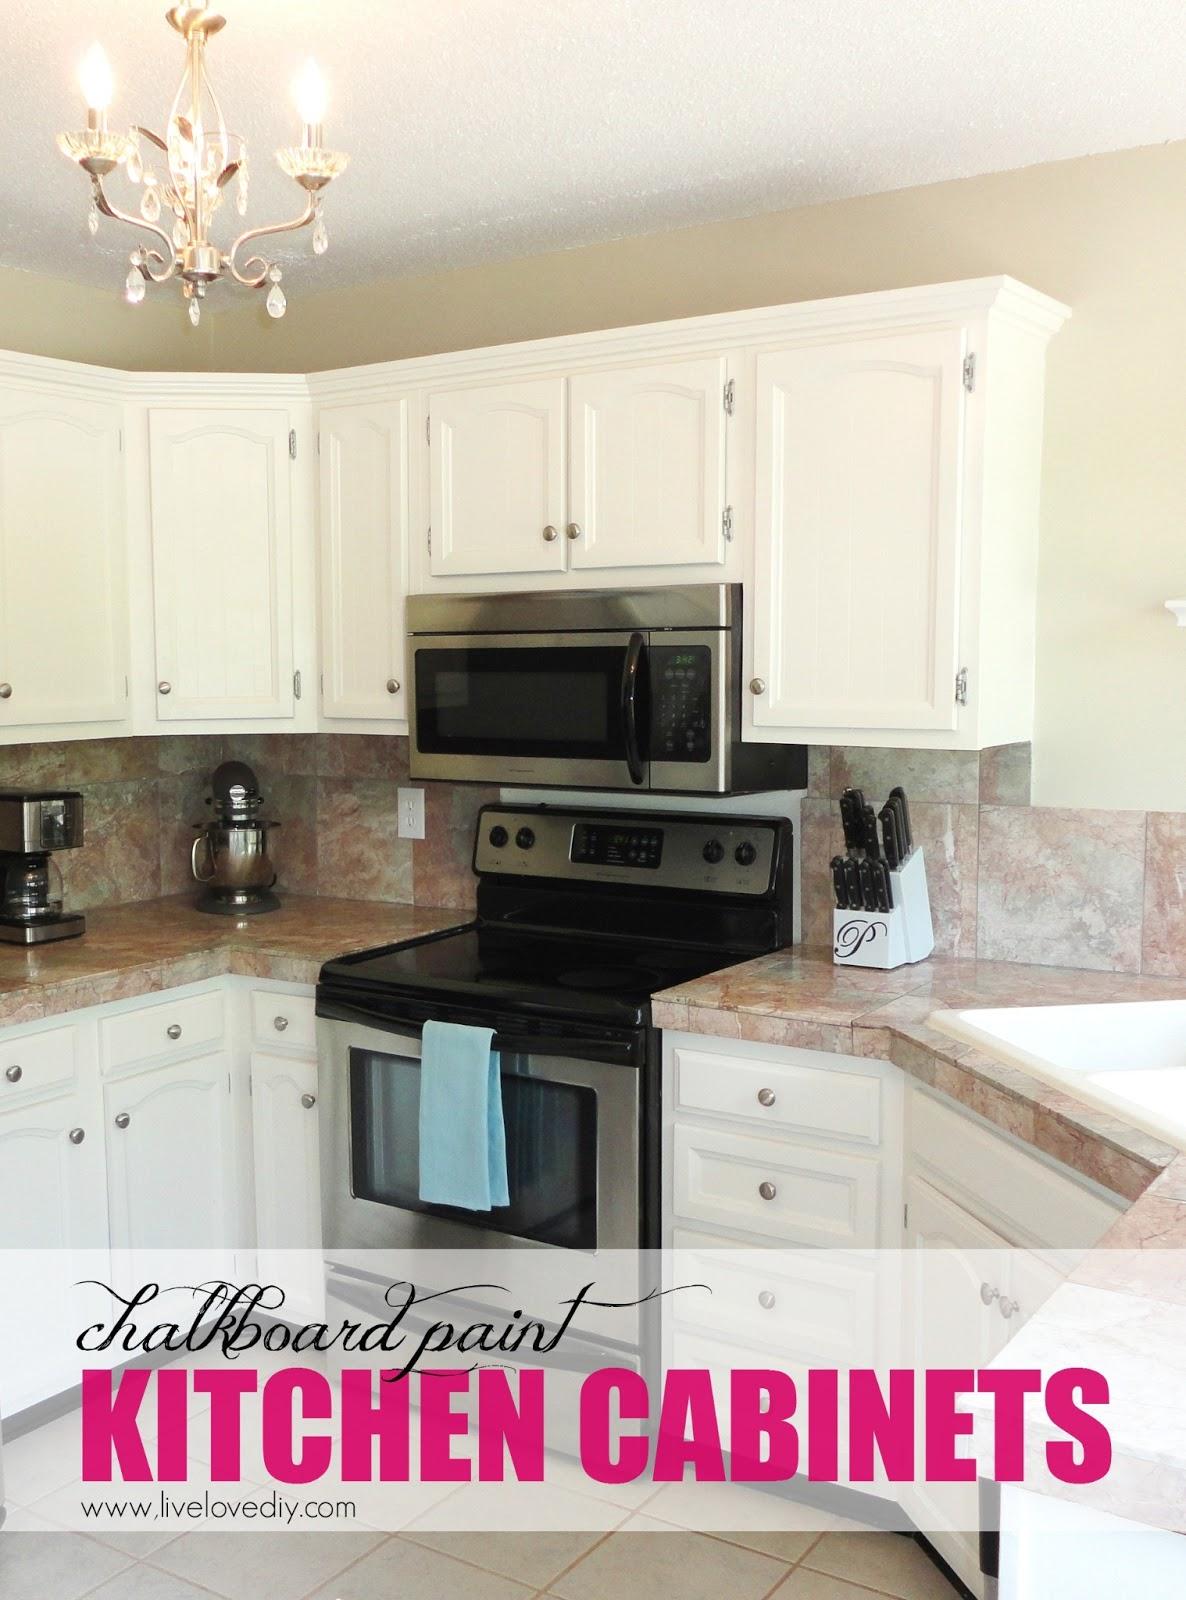 kitchen cabinet chalk paint makeover kitchen cabinet painting The Chalkboard Paint Kitchen Cabinet Makeover